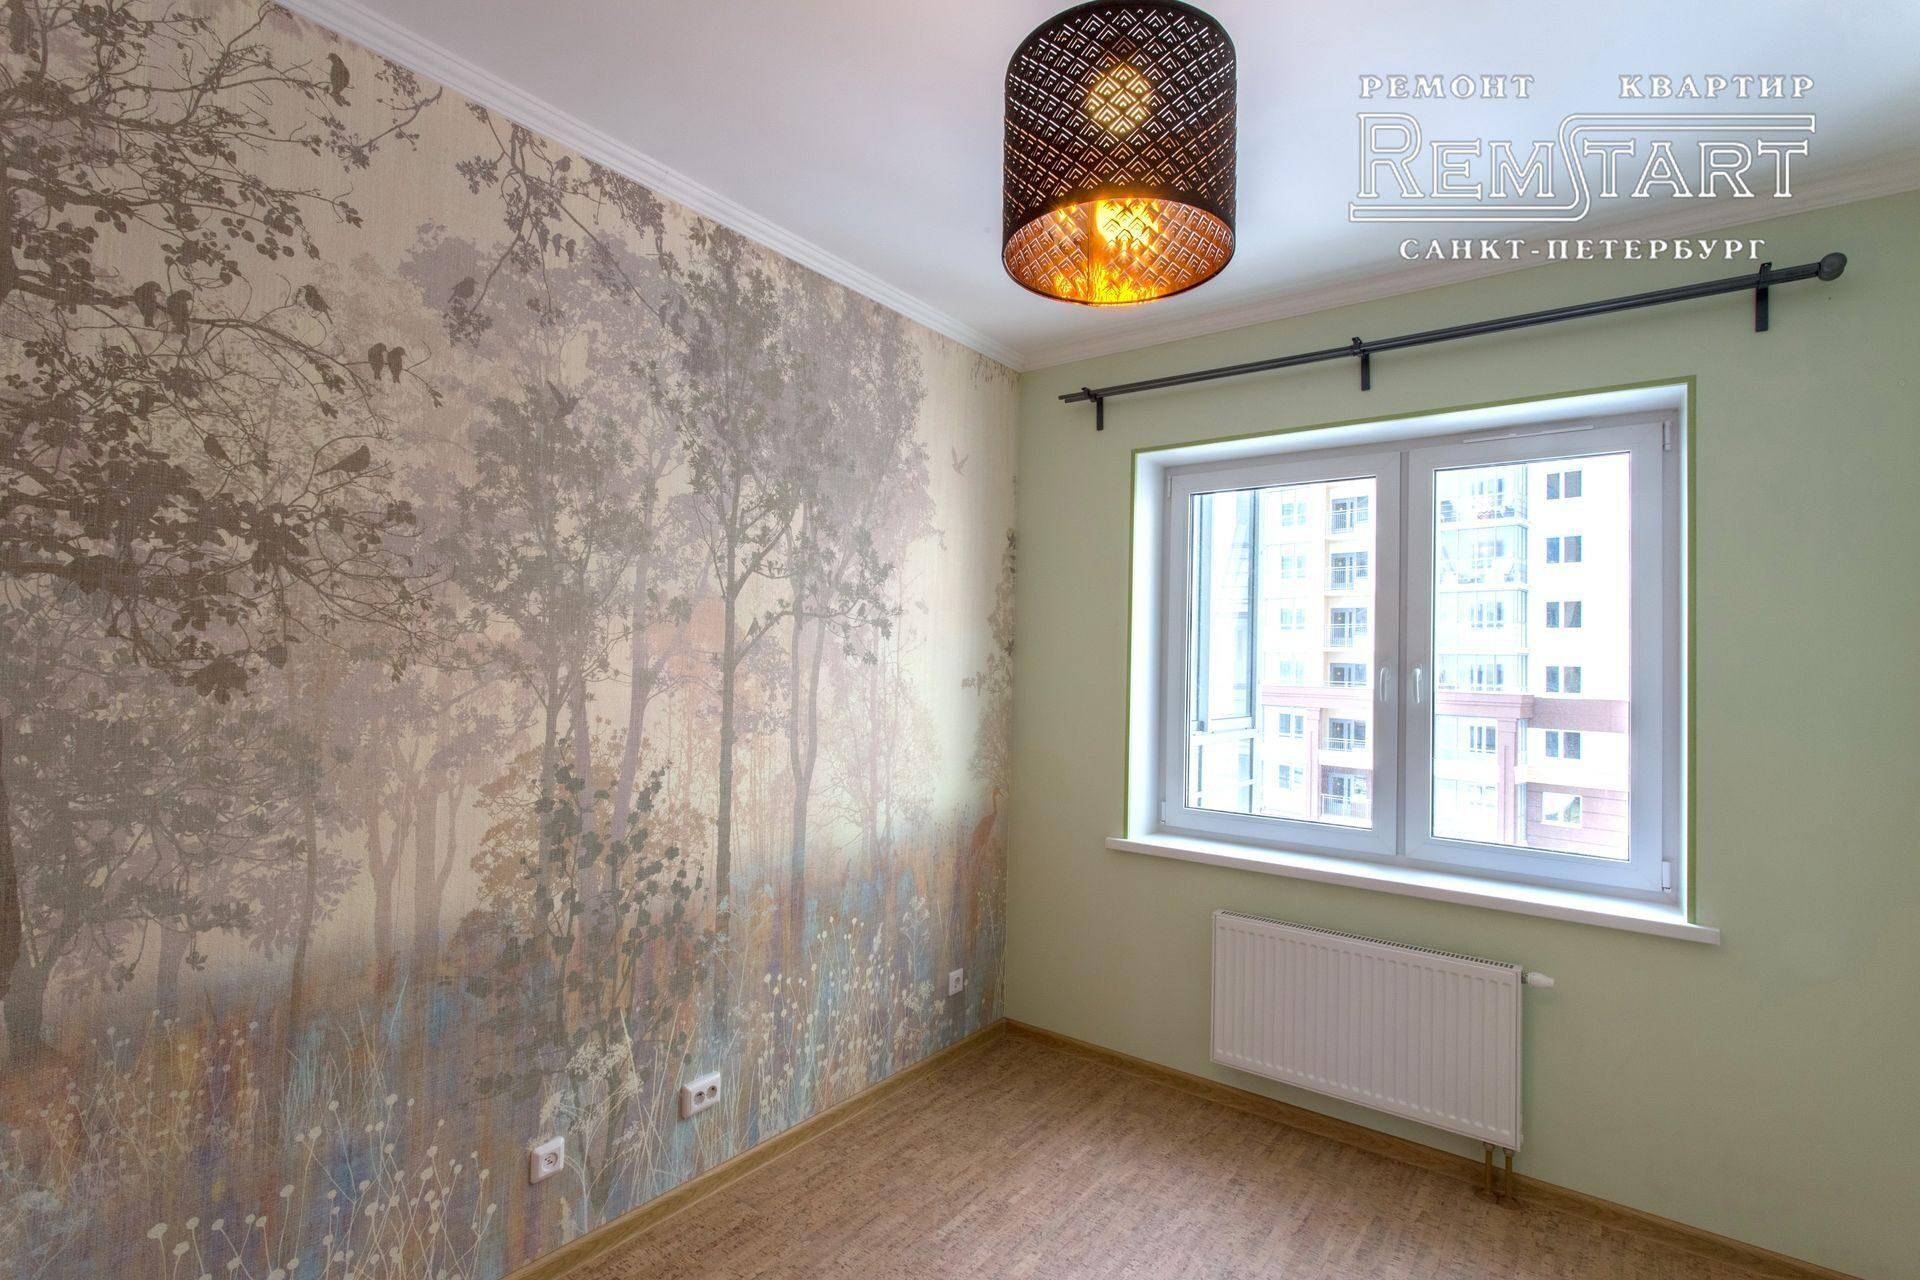 Ремонт квартир галереи